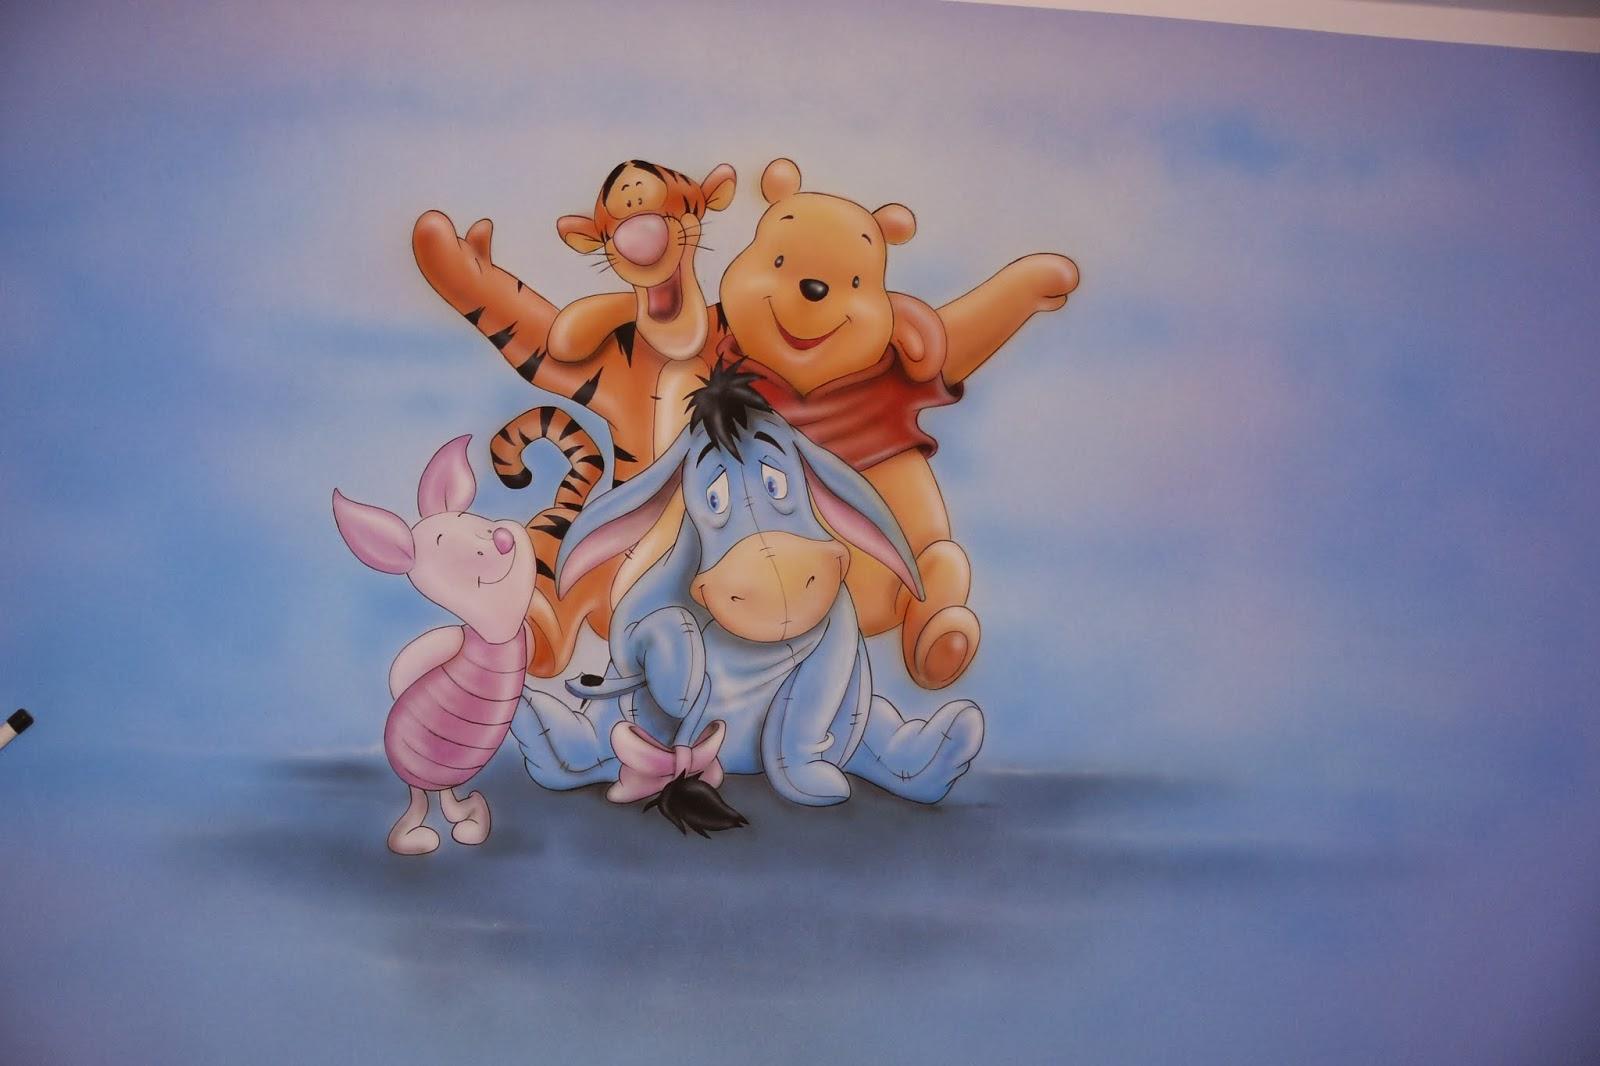 Malowanie pokoju dziecięcego, motyw Kubusia Puchatka, obraz malowany na ścianie